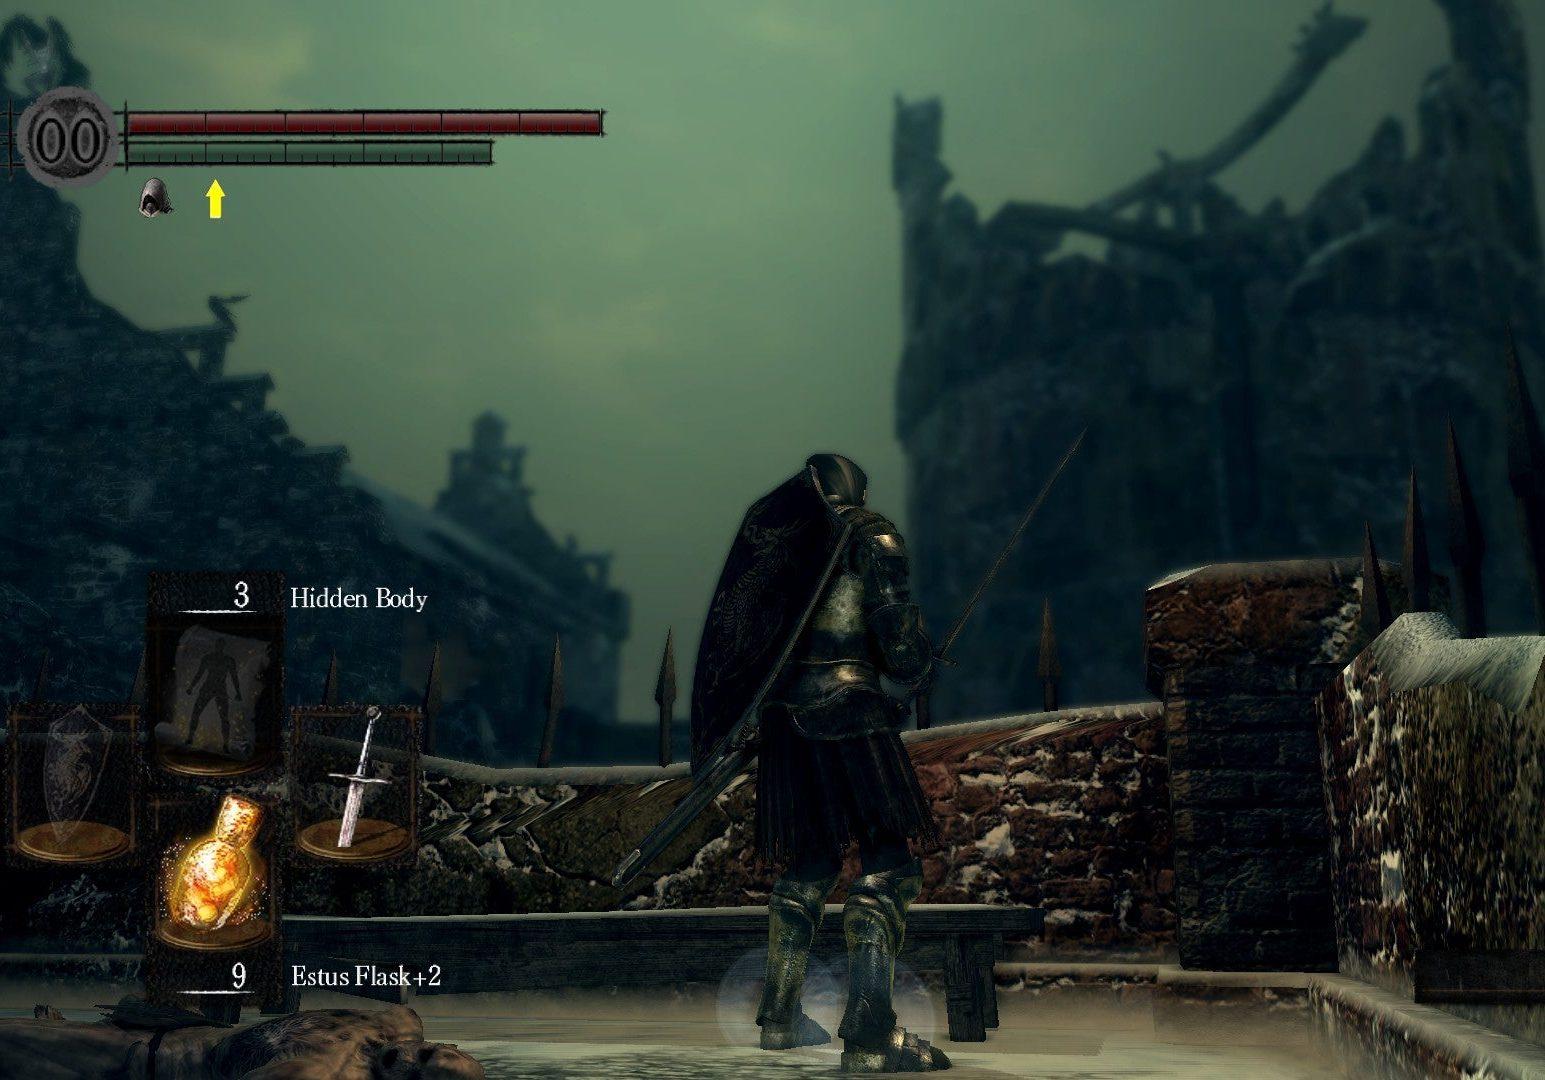 EeQ3U0U e1605173239268 20 Hidden Levels in Video Games